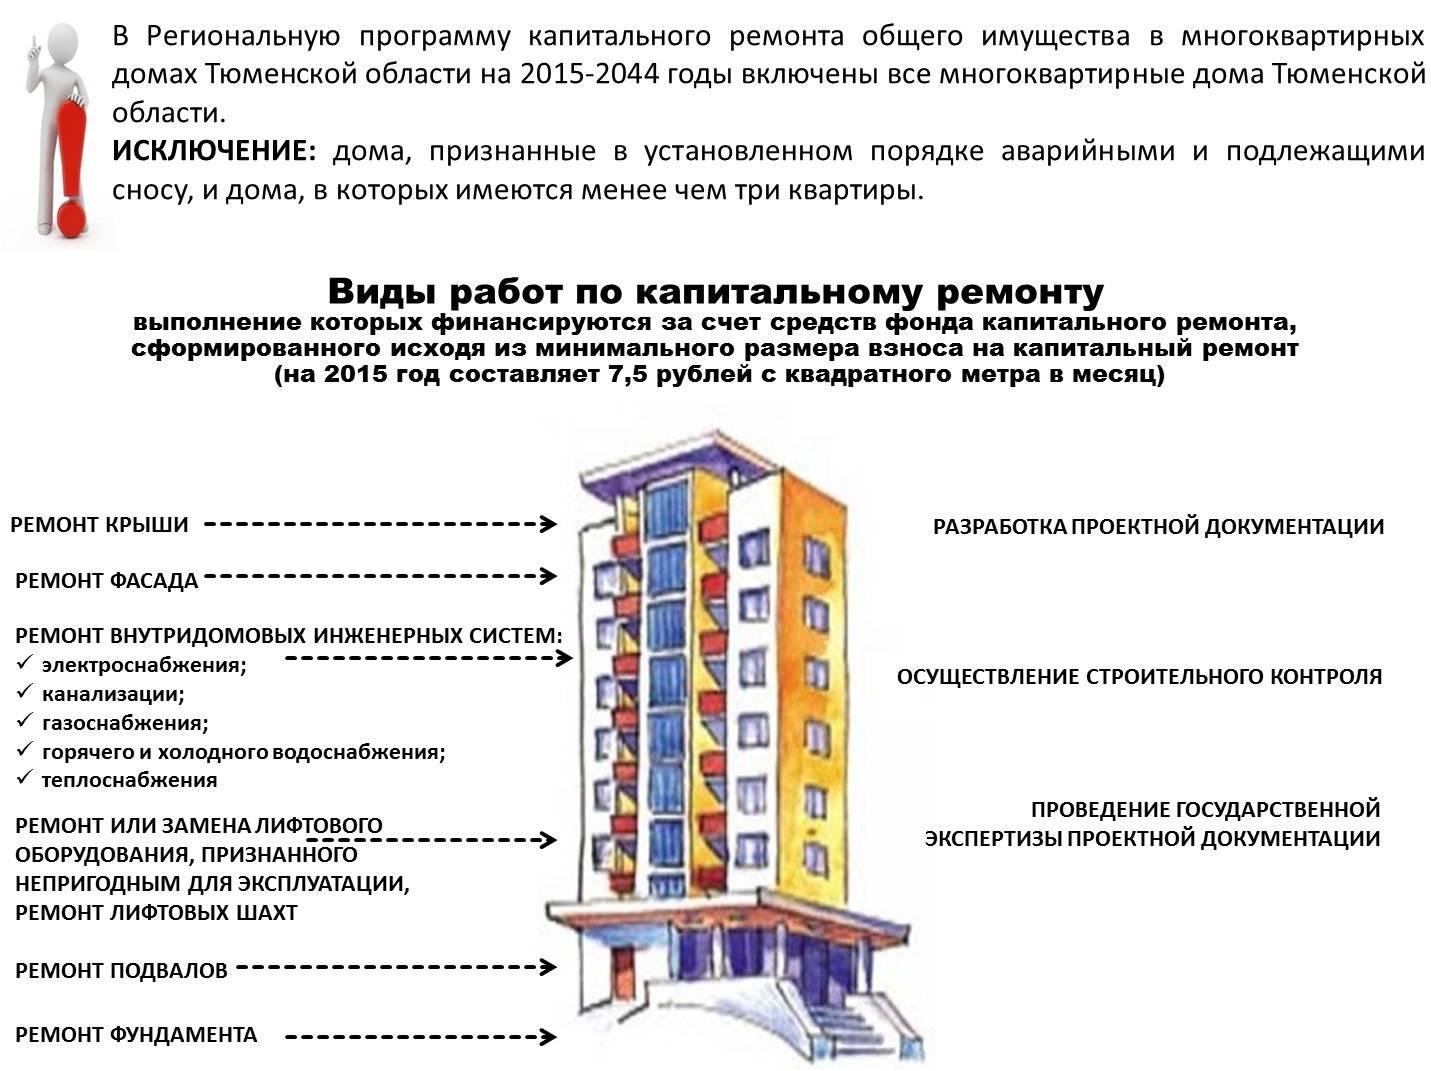 Сроки проведения текущего ремонта в многоквартирном доме: периодичность проведения планово-текущих работ, а так сколько по времени ведется реконструкция?